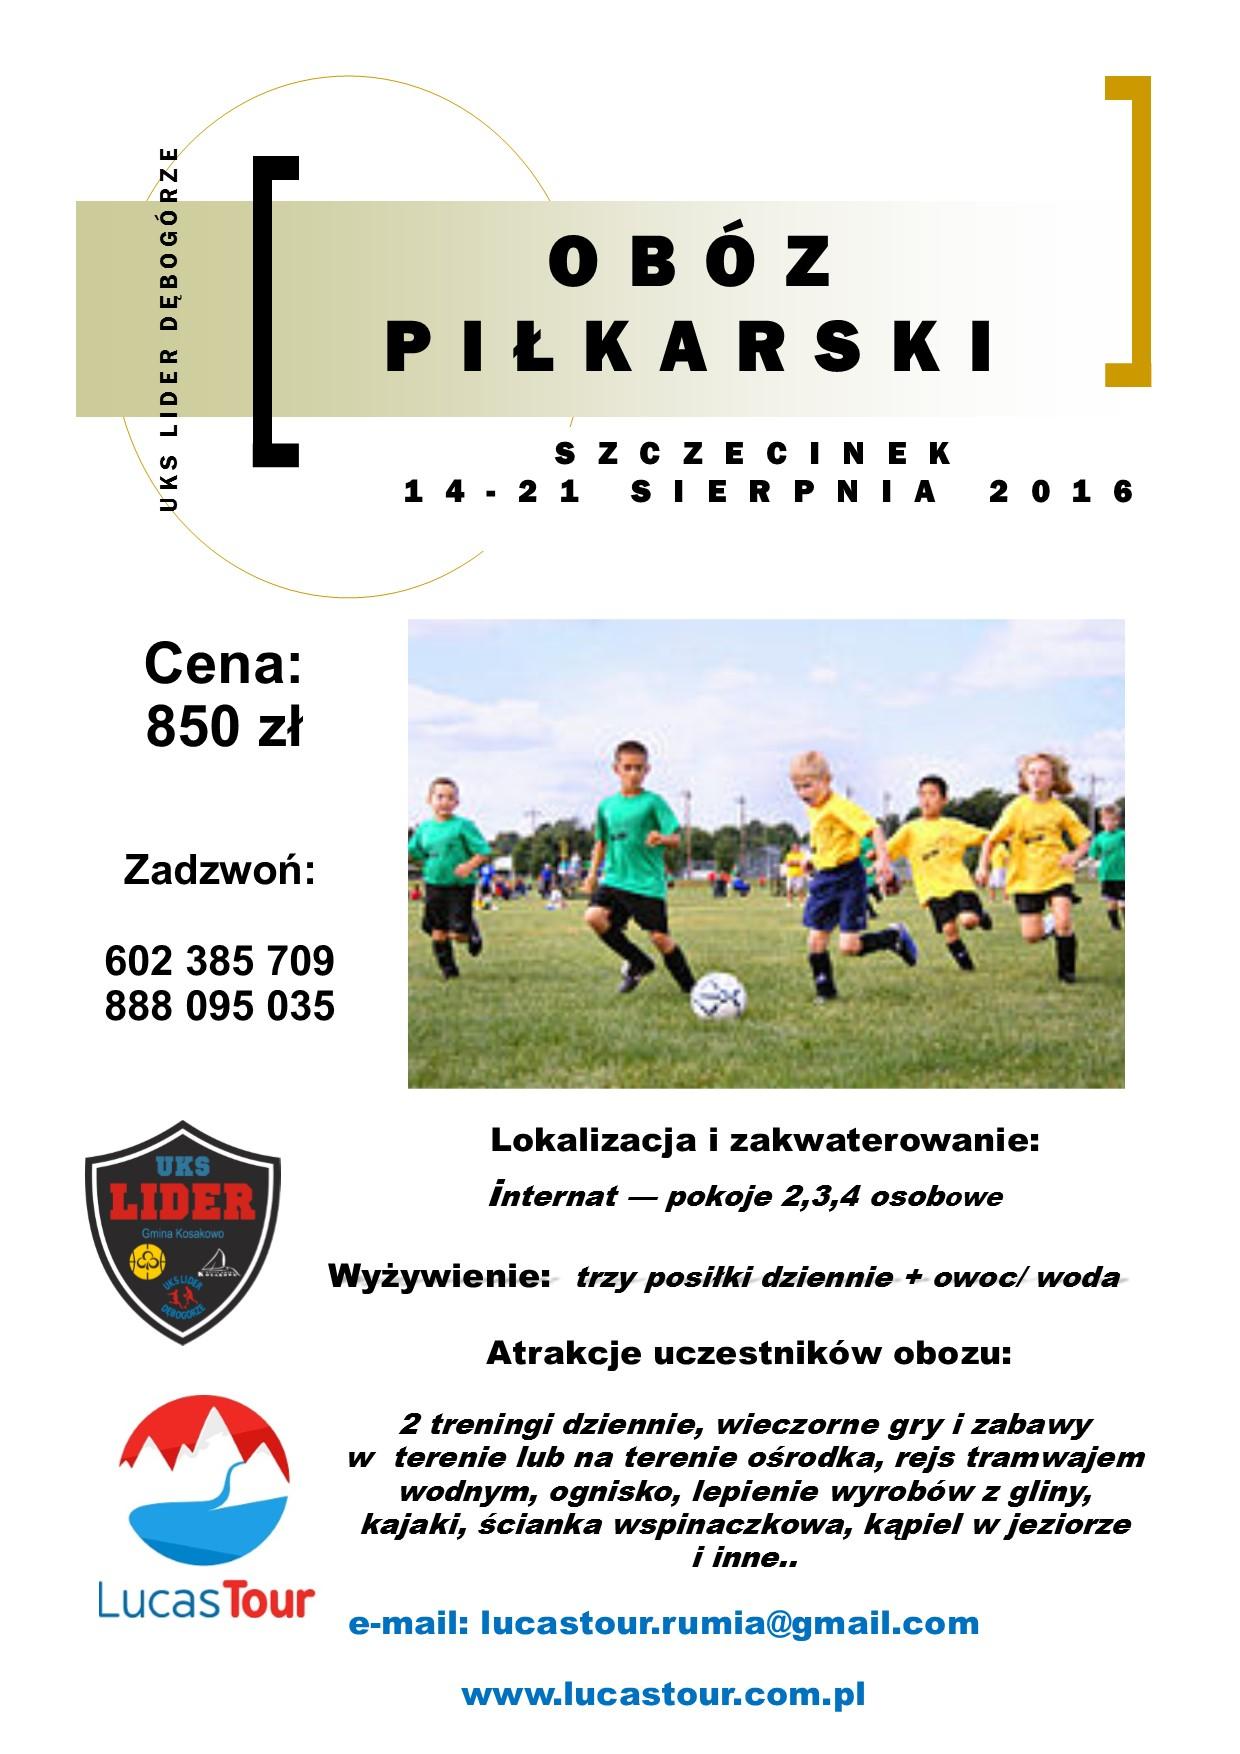 Oboz Pilkarski Szczecinek 2016 Uksdebogorze